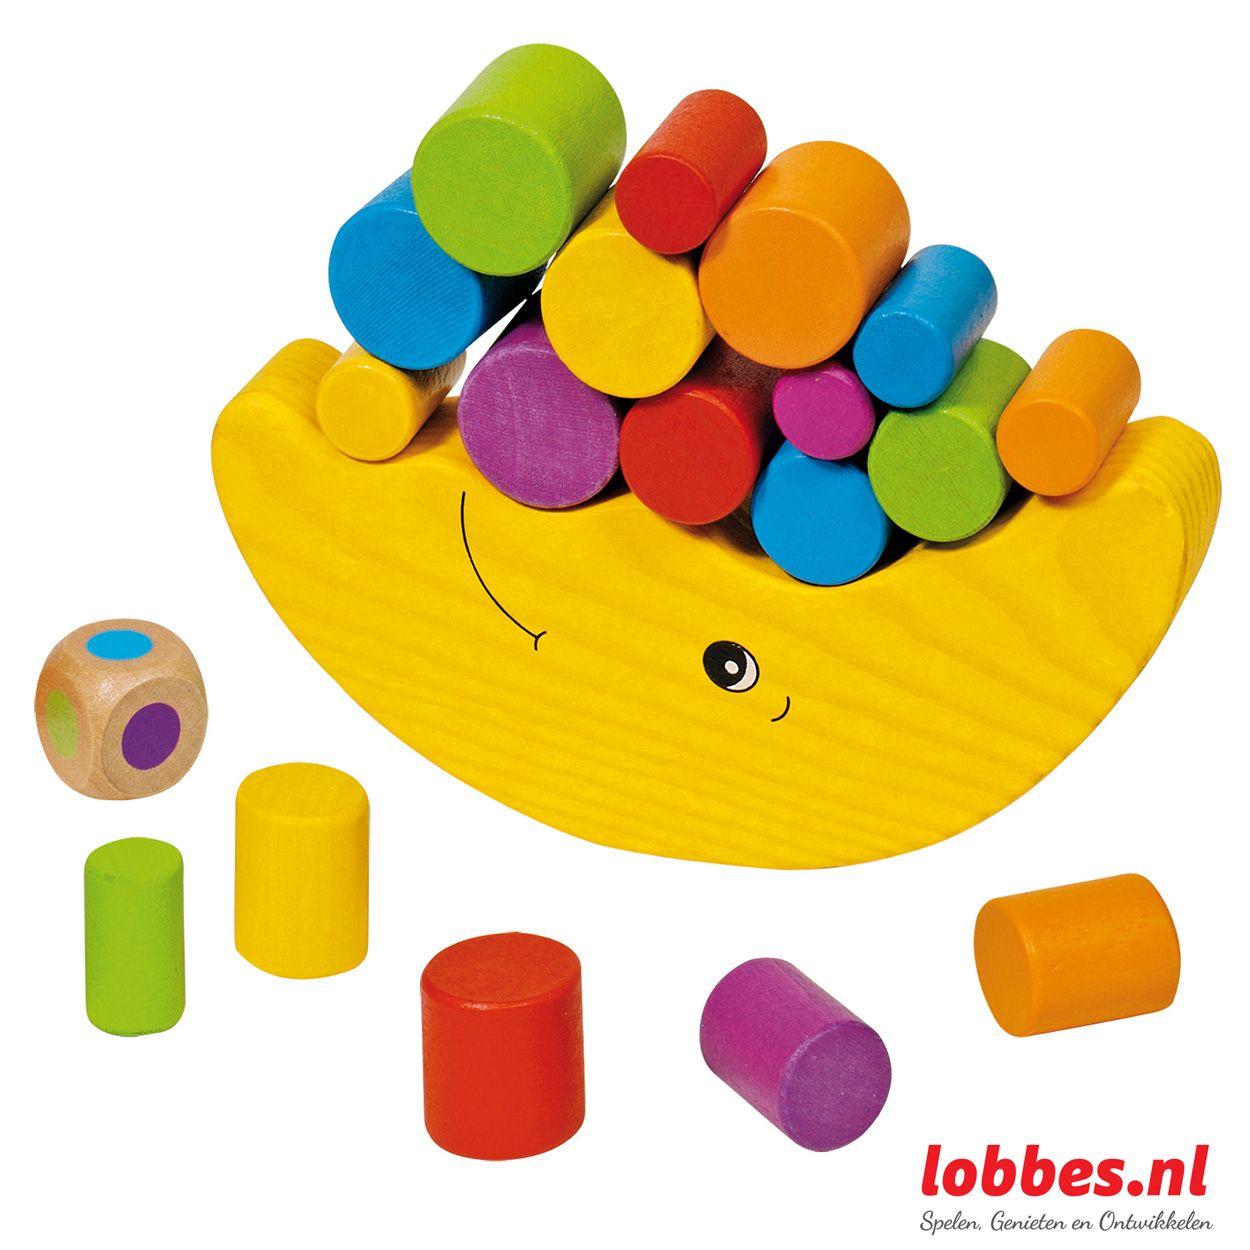 Houten Balansspel Maan | Houten, Houten speelgoed, Speelgoed